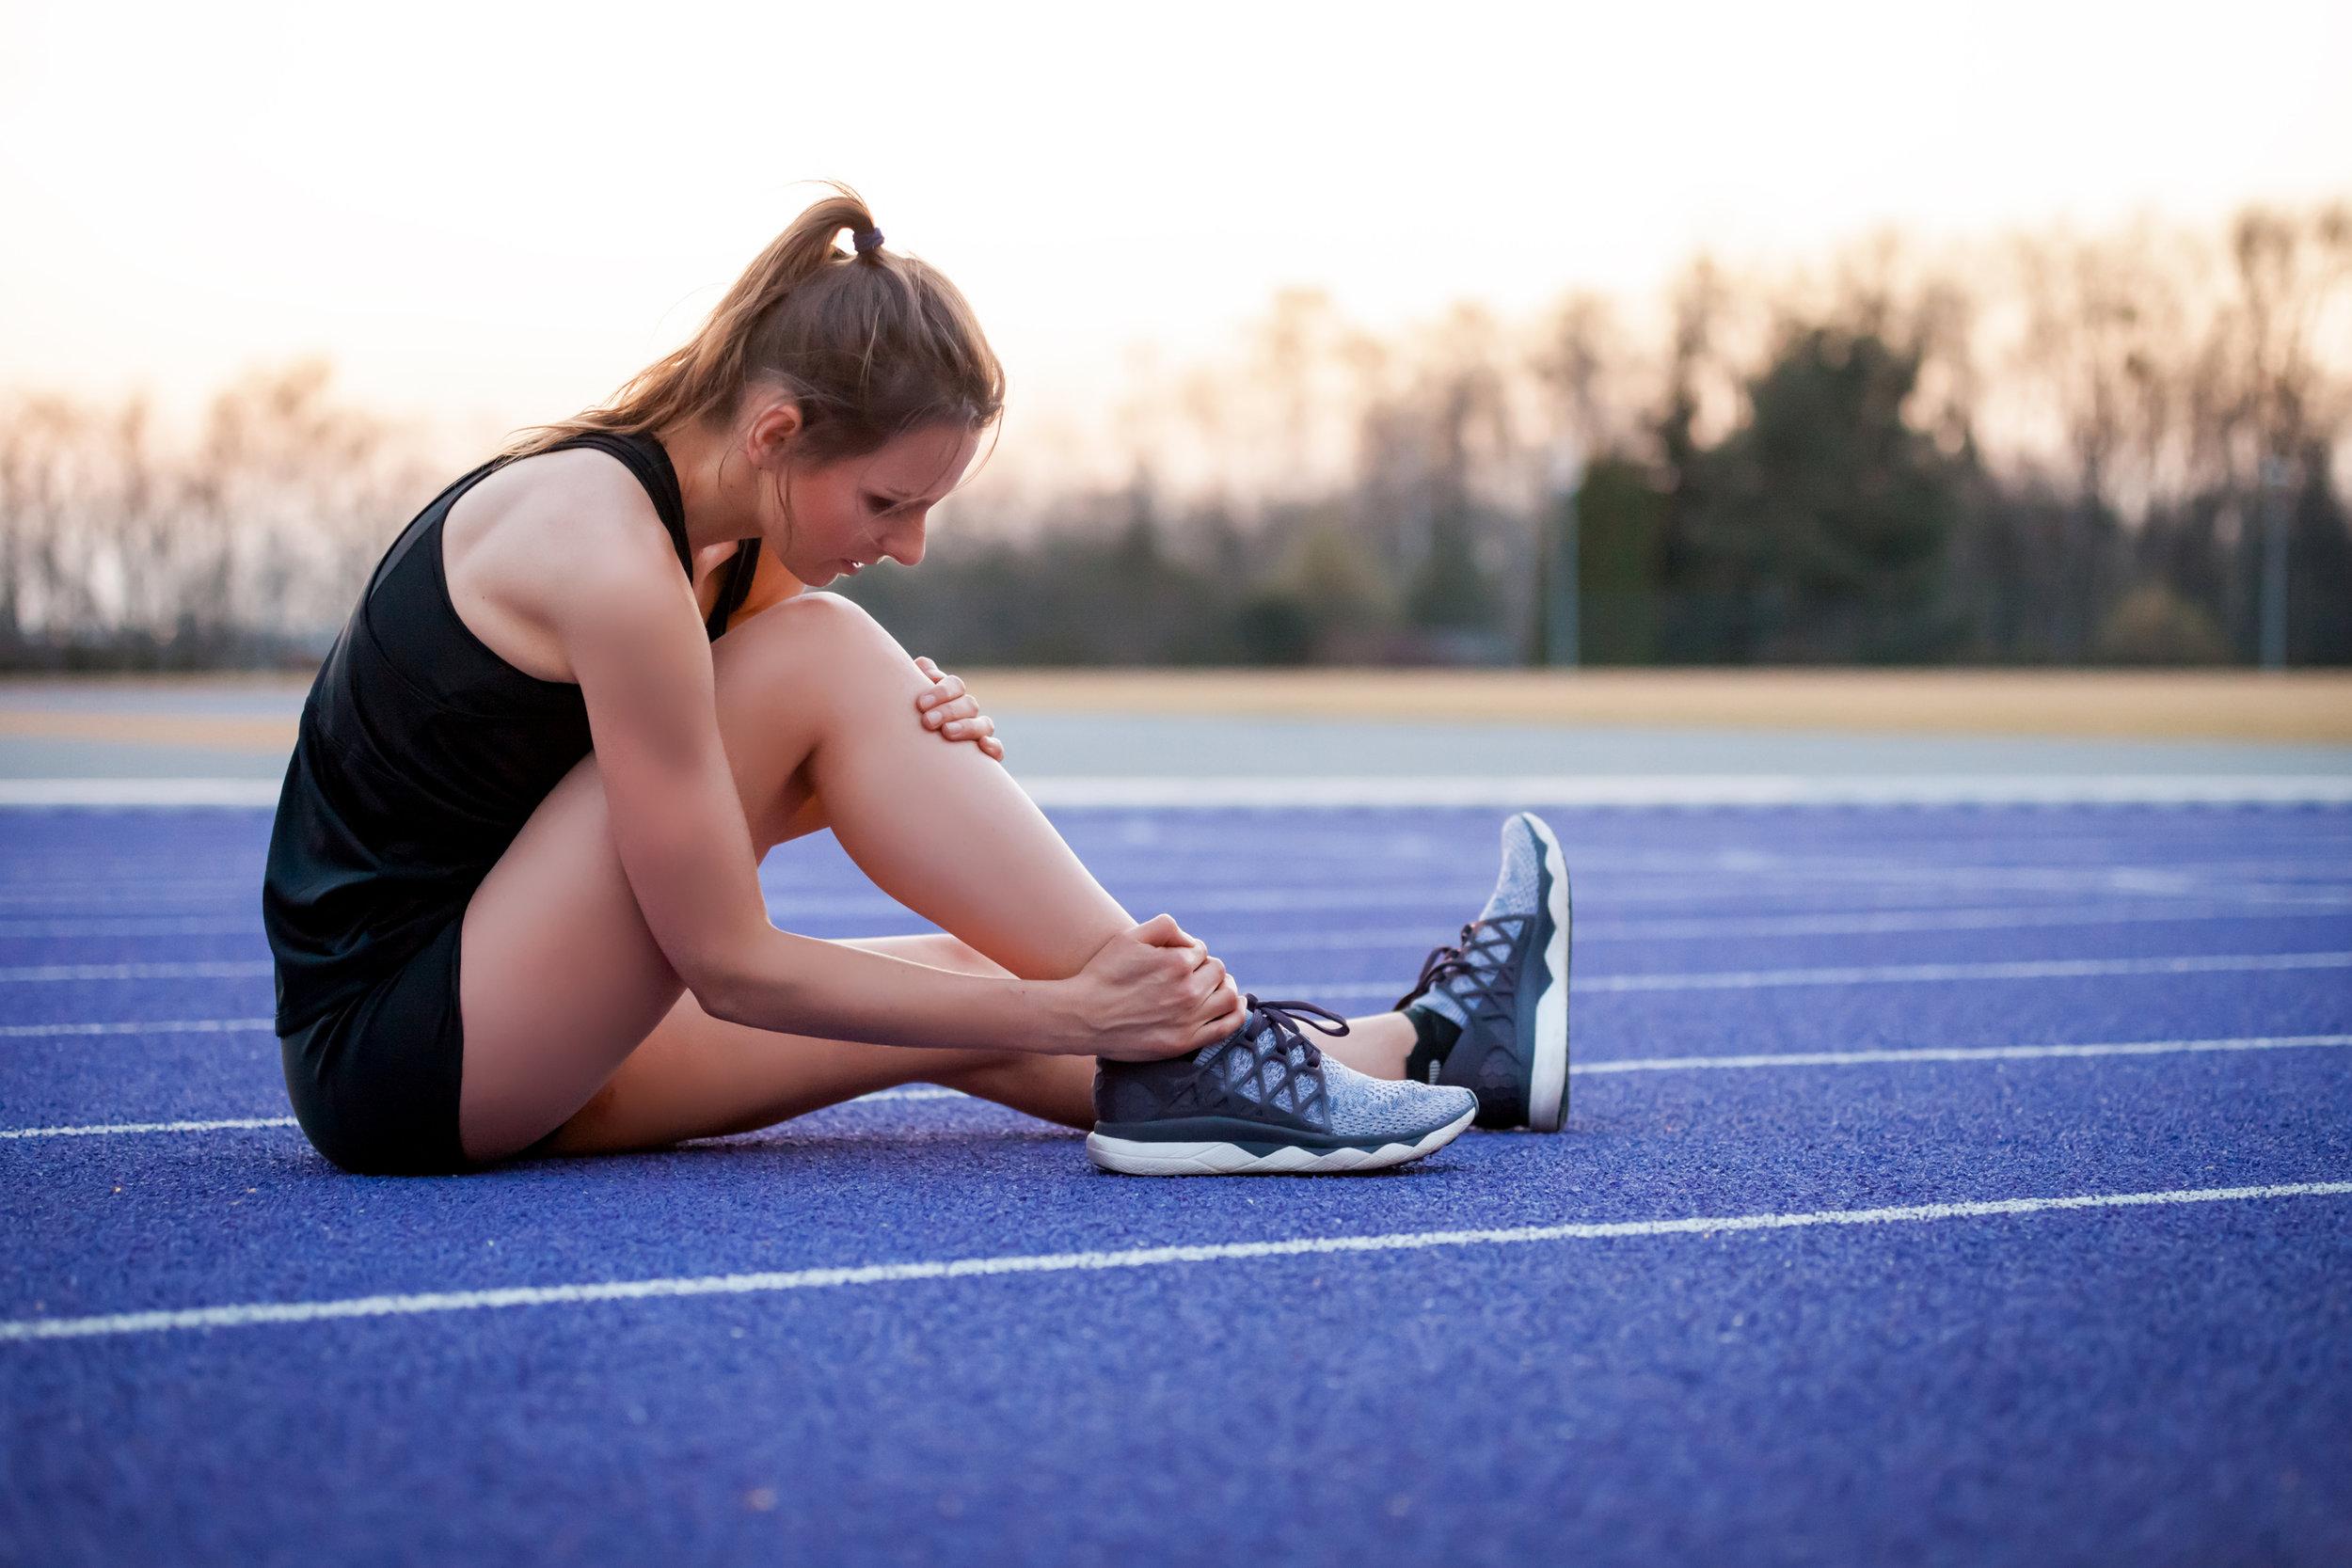 Female on track injury.jpeg